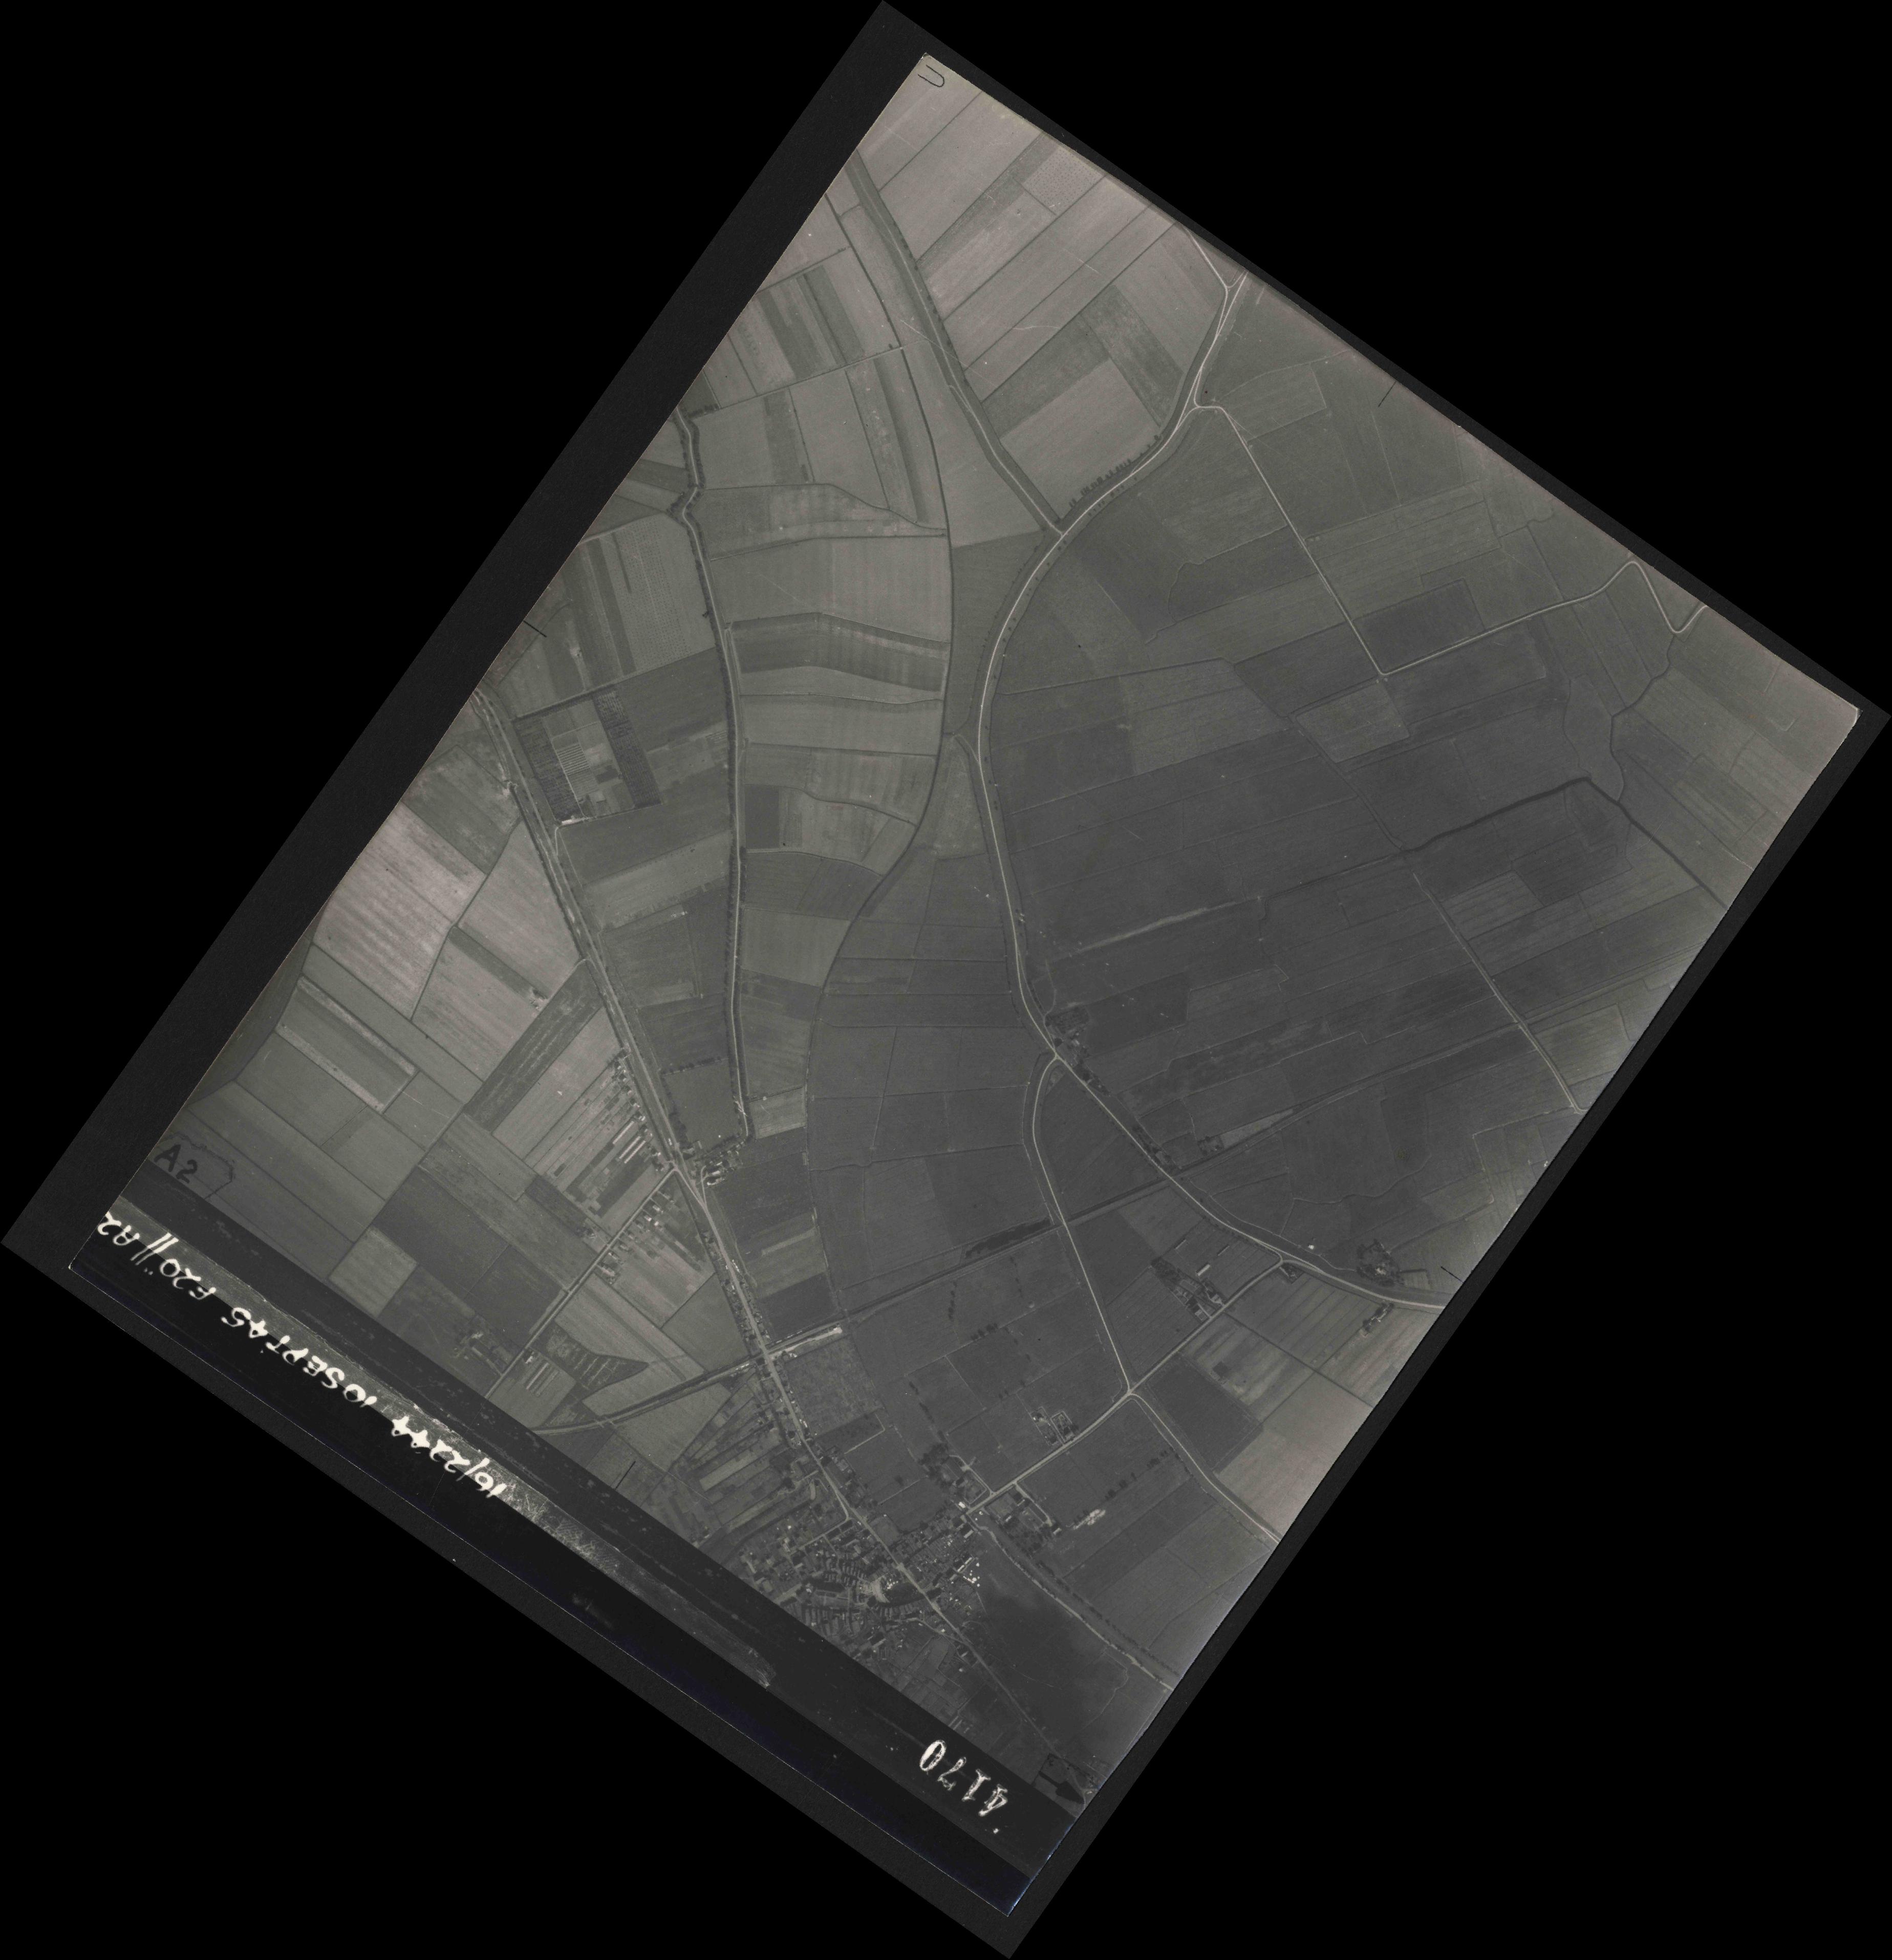 Collection RAF aerial photos 1940-1945 - flight 035, run 12, photo 4170